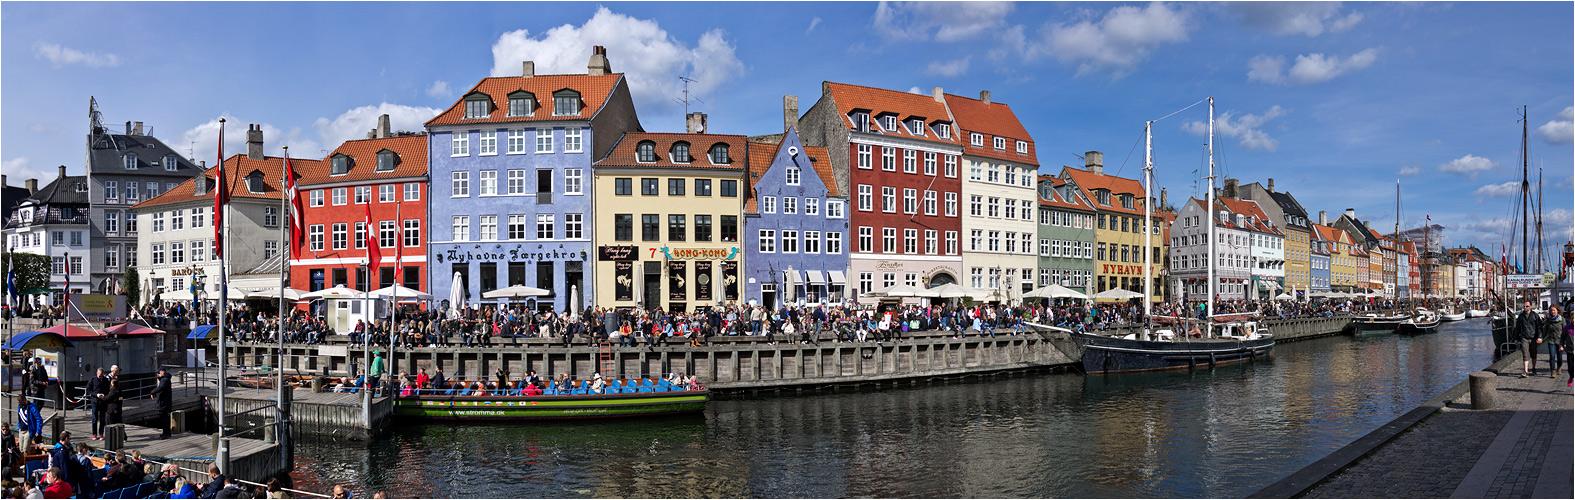 Kopenhagen 14 03